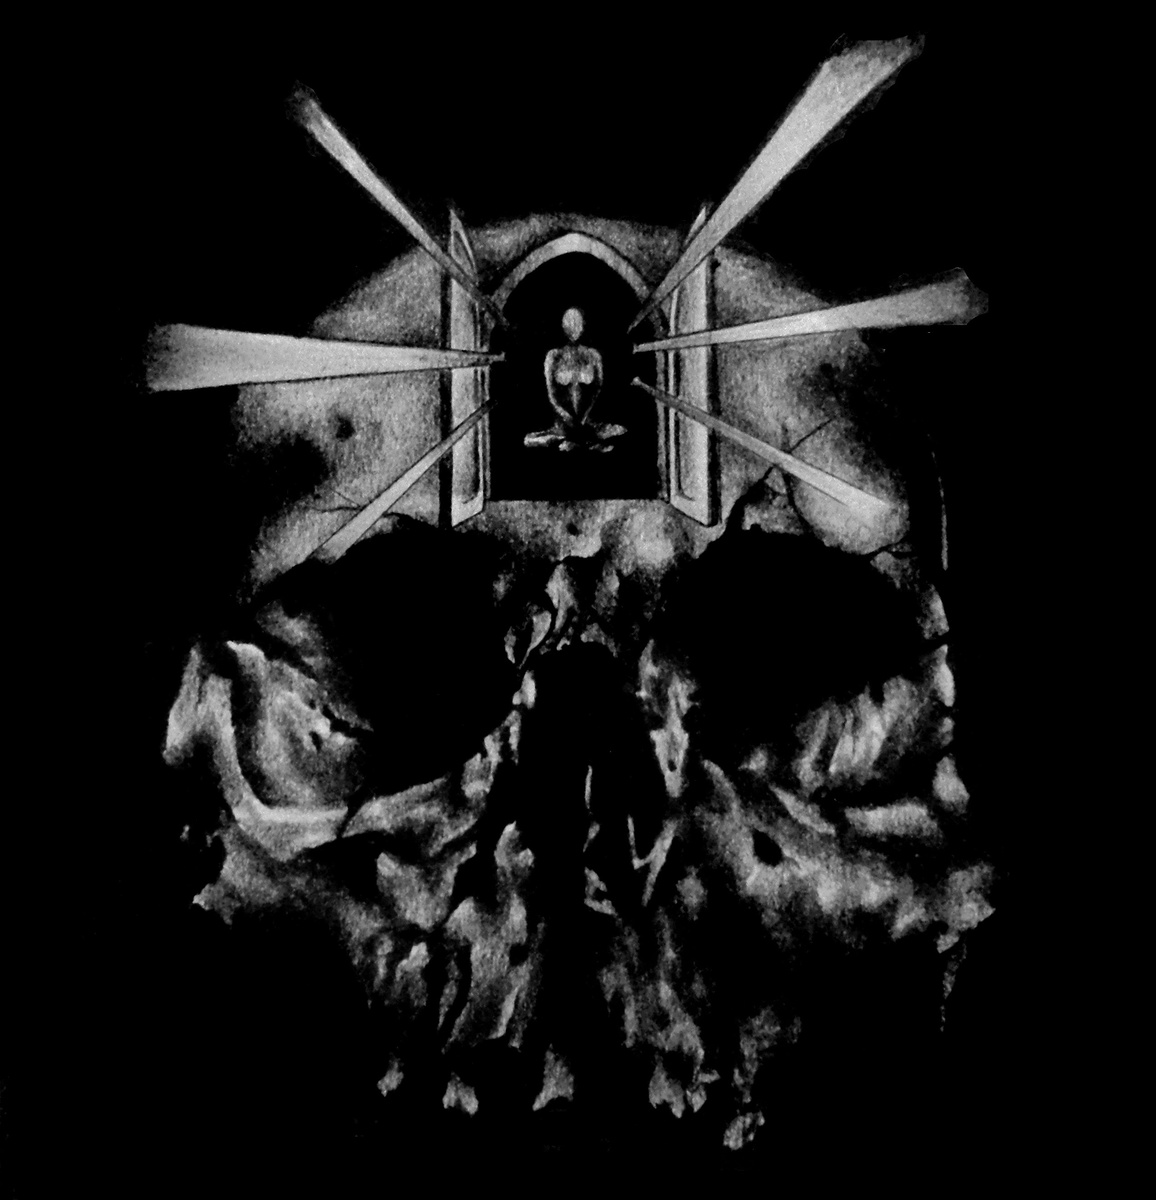 Die neuen Metal-Alben im Januar 2015 - Gnosis THE THIRD-EYE GATE